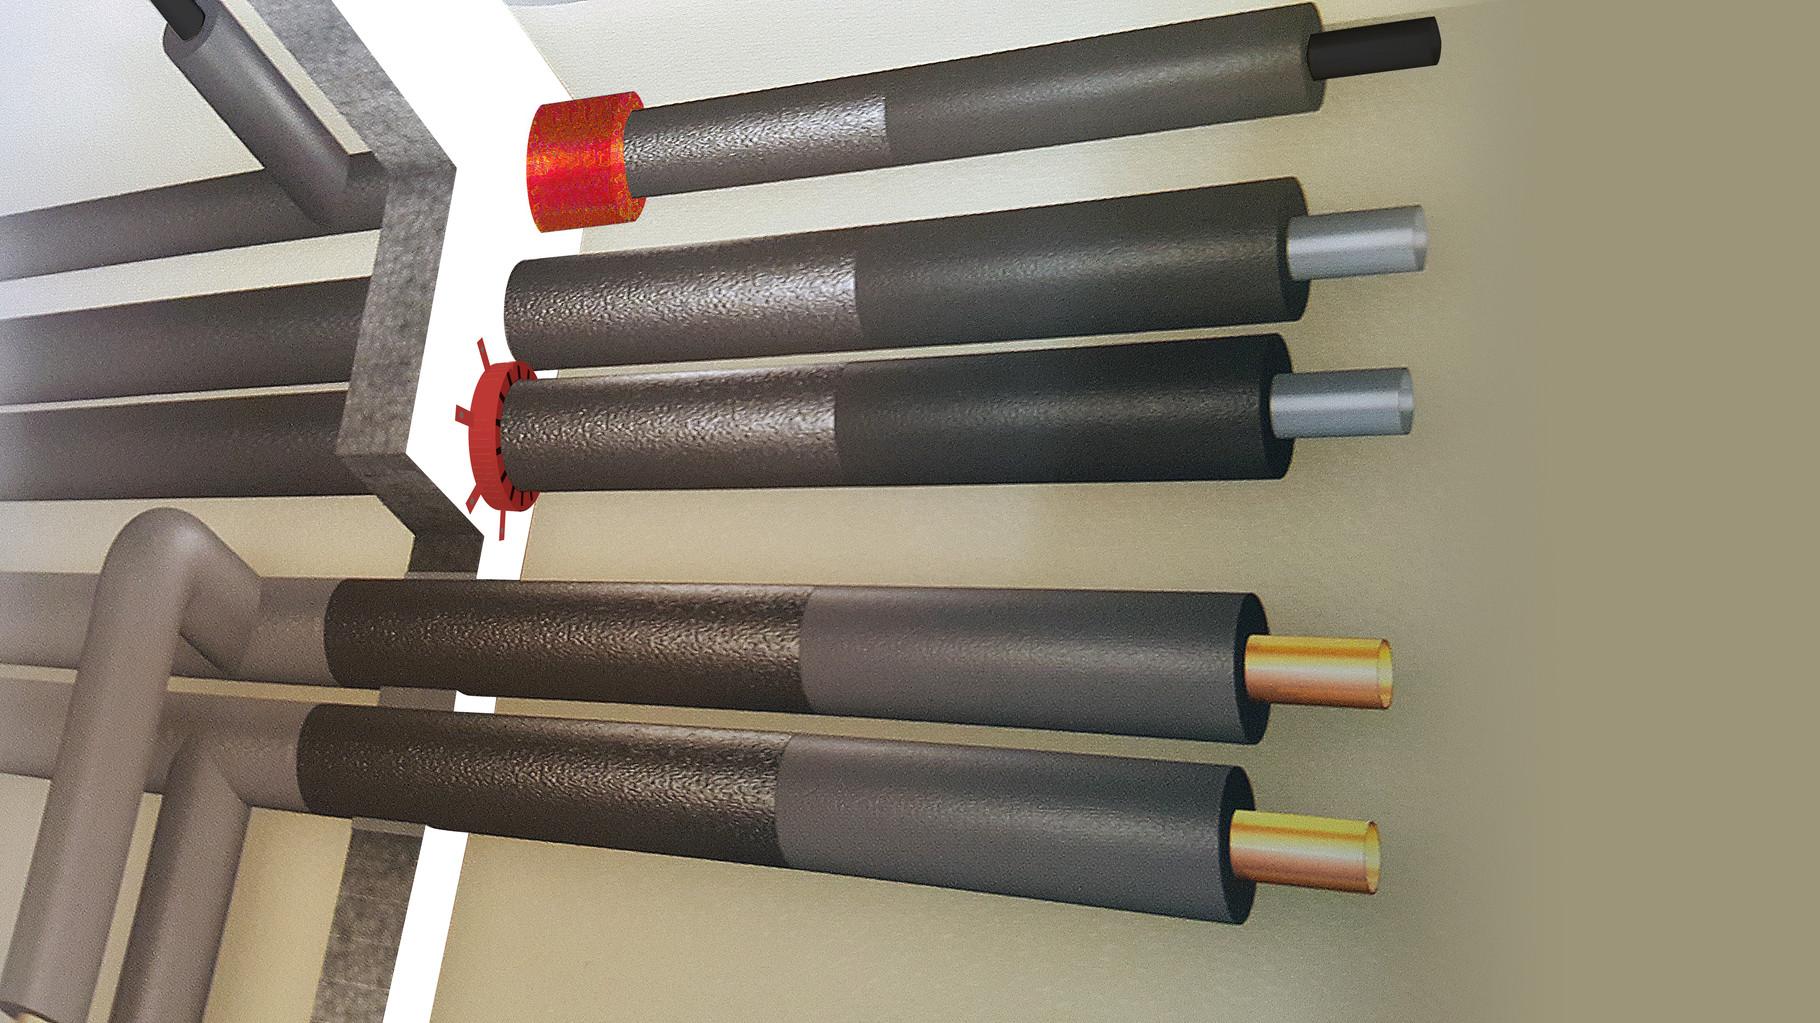 Brandschutzaufbau vertikal und horizontal mit PROTECTOR R90 durch Schott geführt für sämtliche Metallrohre